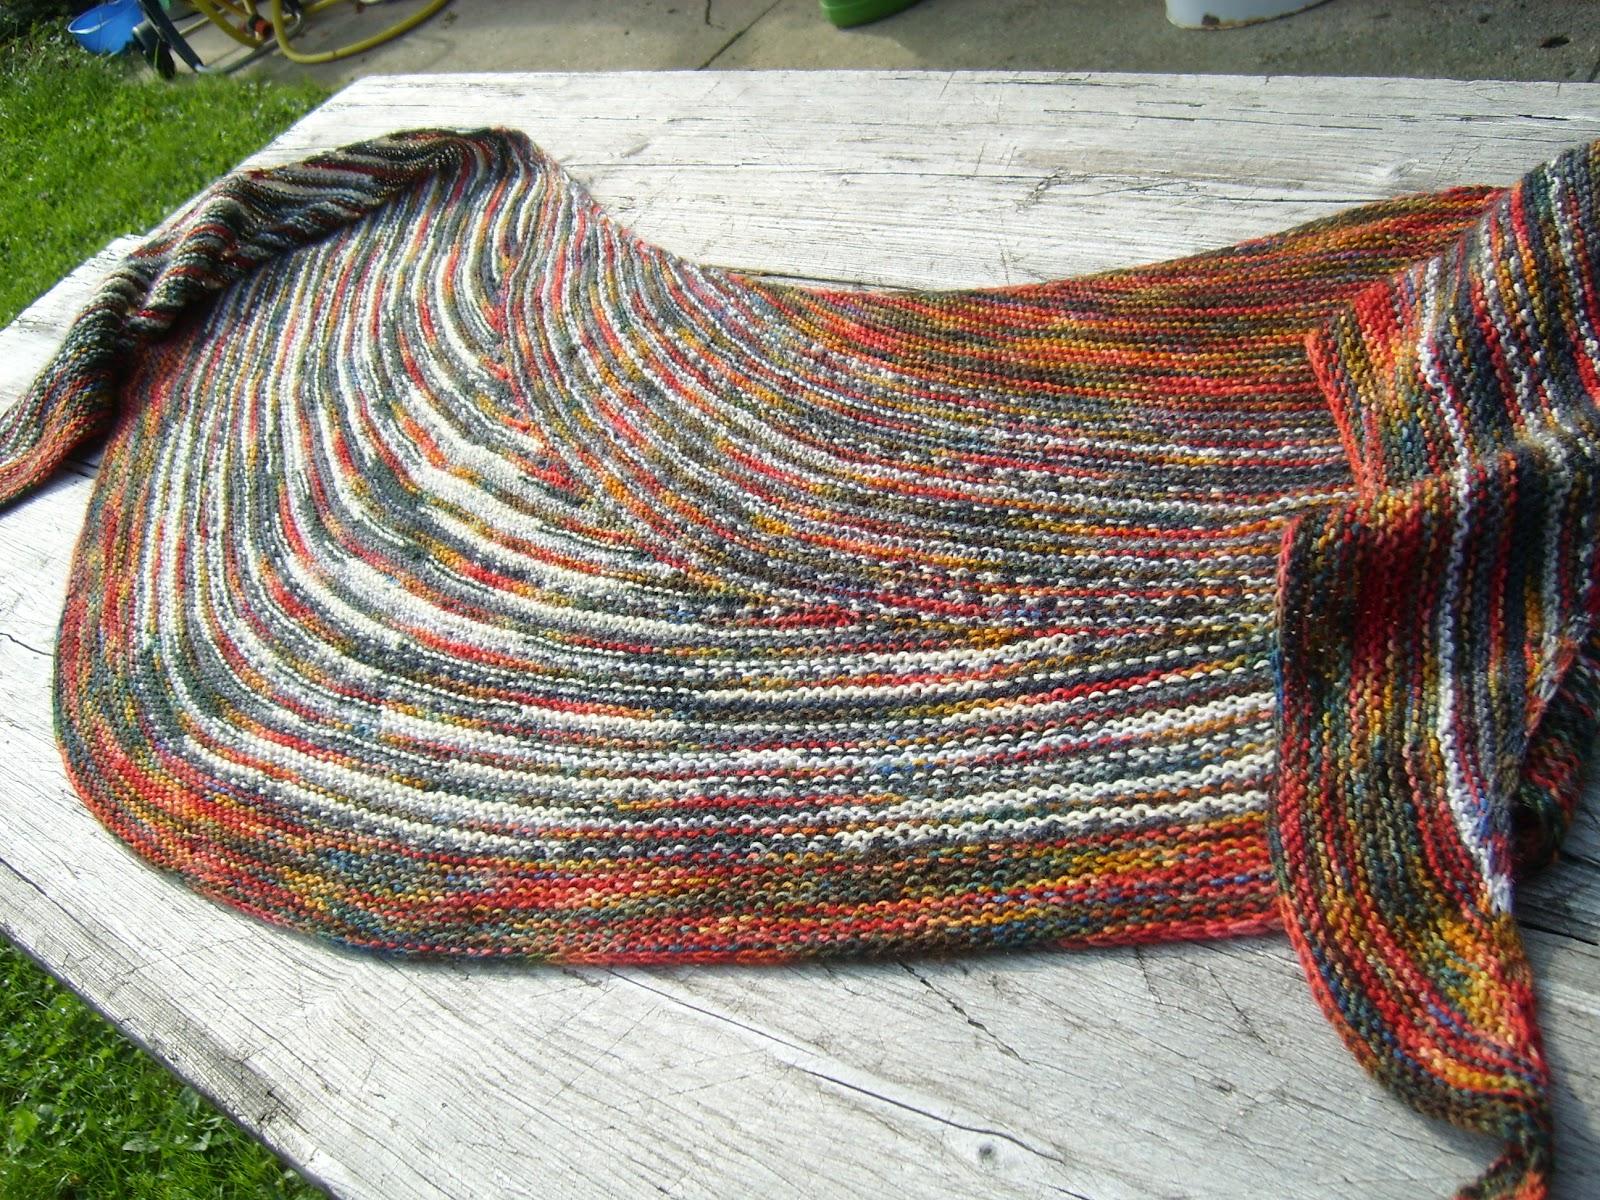 Bockfilz: Happy knitting: Finished short row shawl